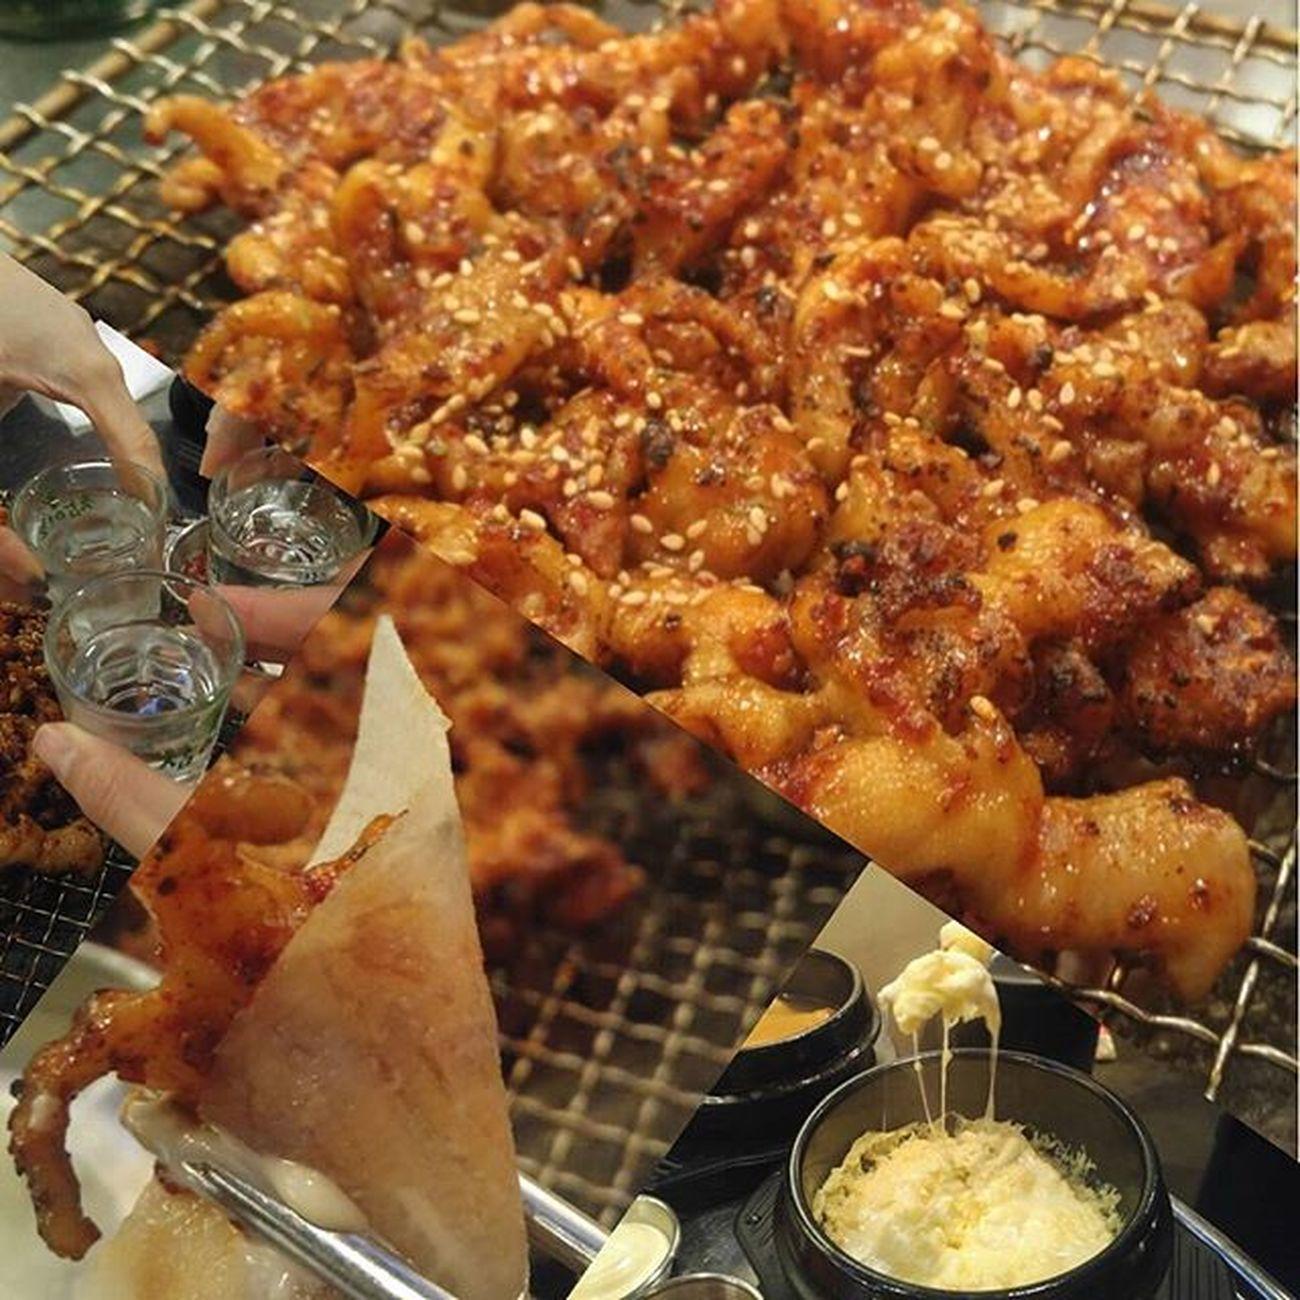 꼼주에서 한잔~~맛나맛나 닭발 !!! 요즘 빠짐 건대의 매력